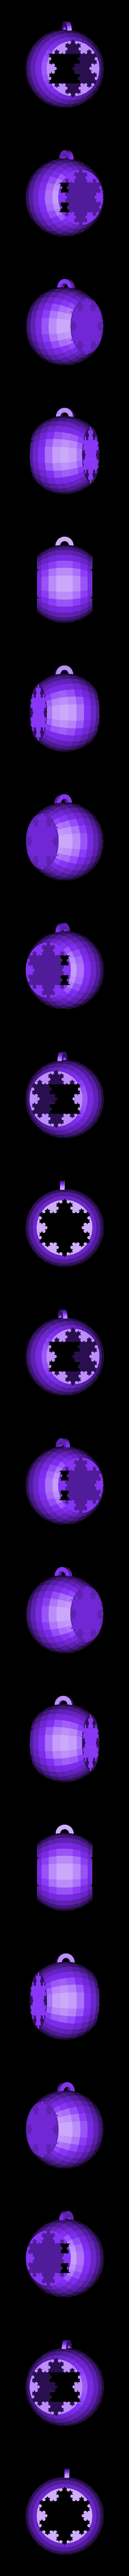 01kBauble.stl Download free STL file Koch Snowflake Christmas bauble / sphere • 3D printing model, Darkolas